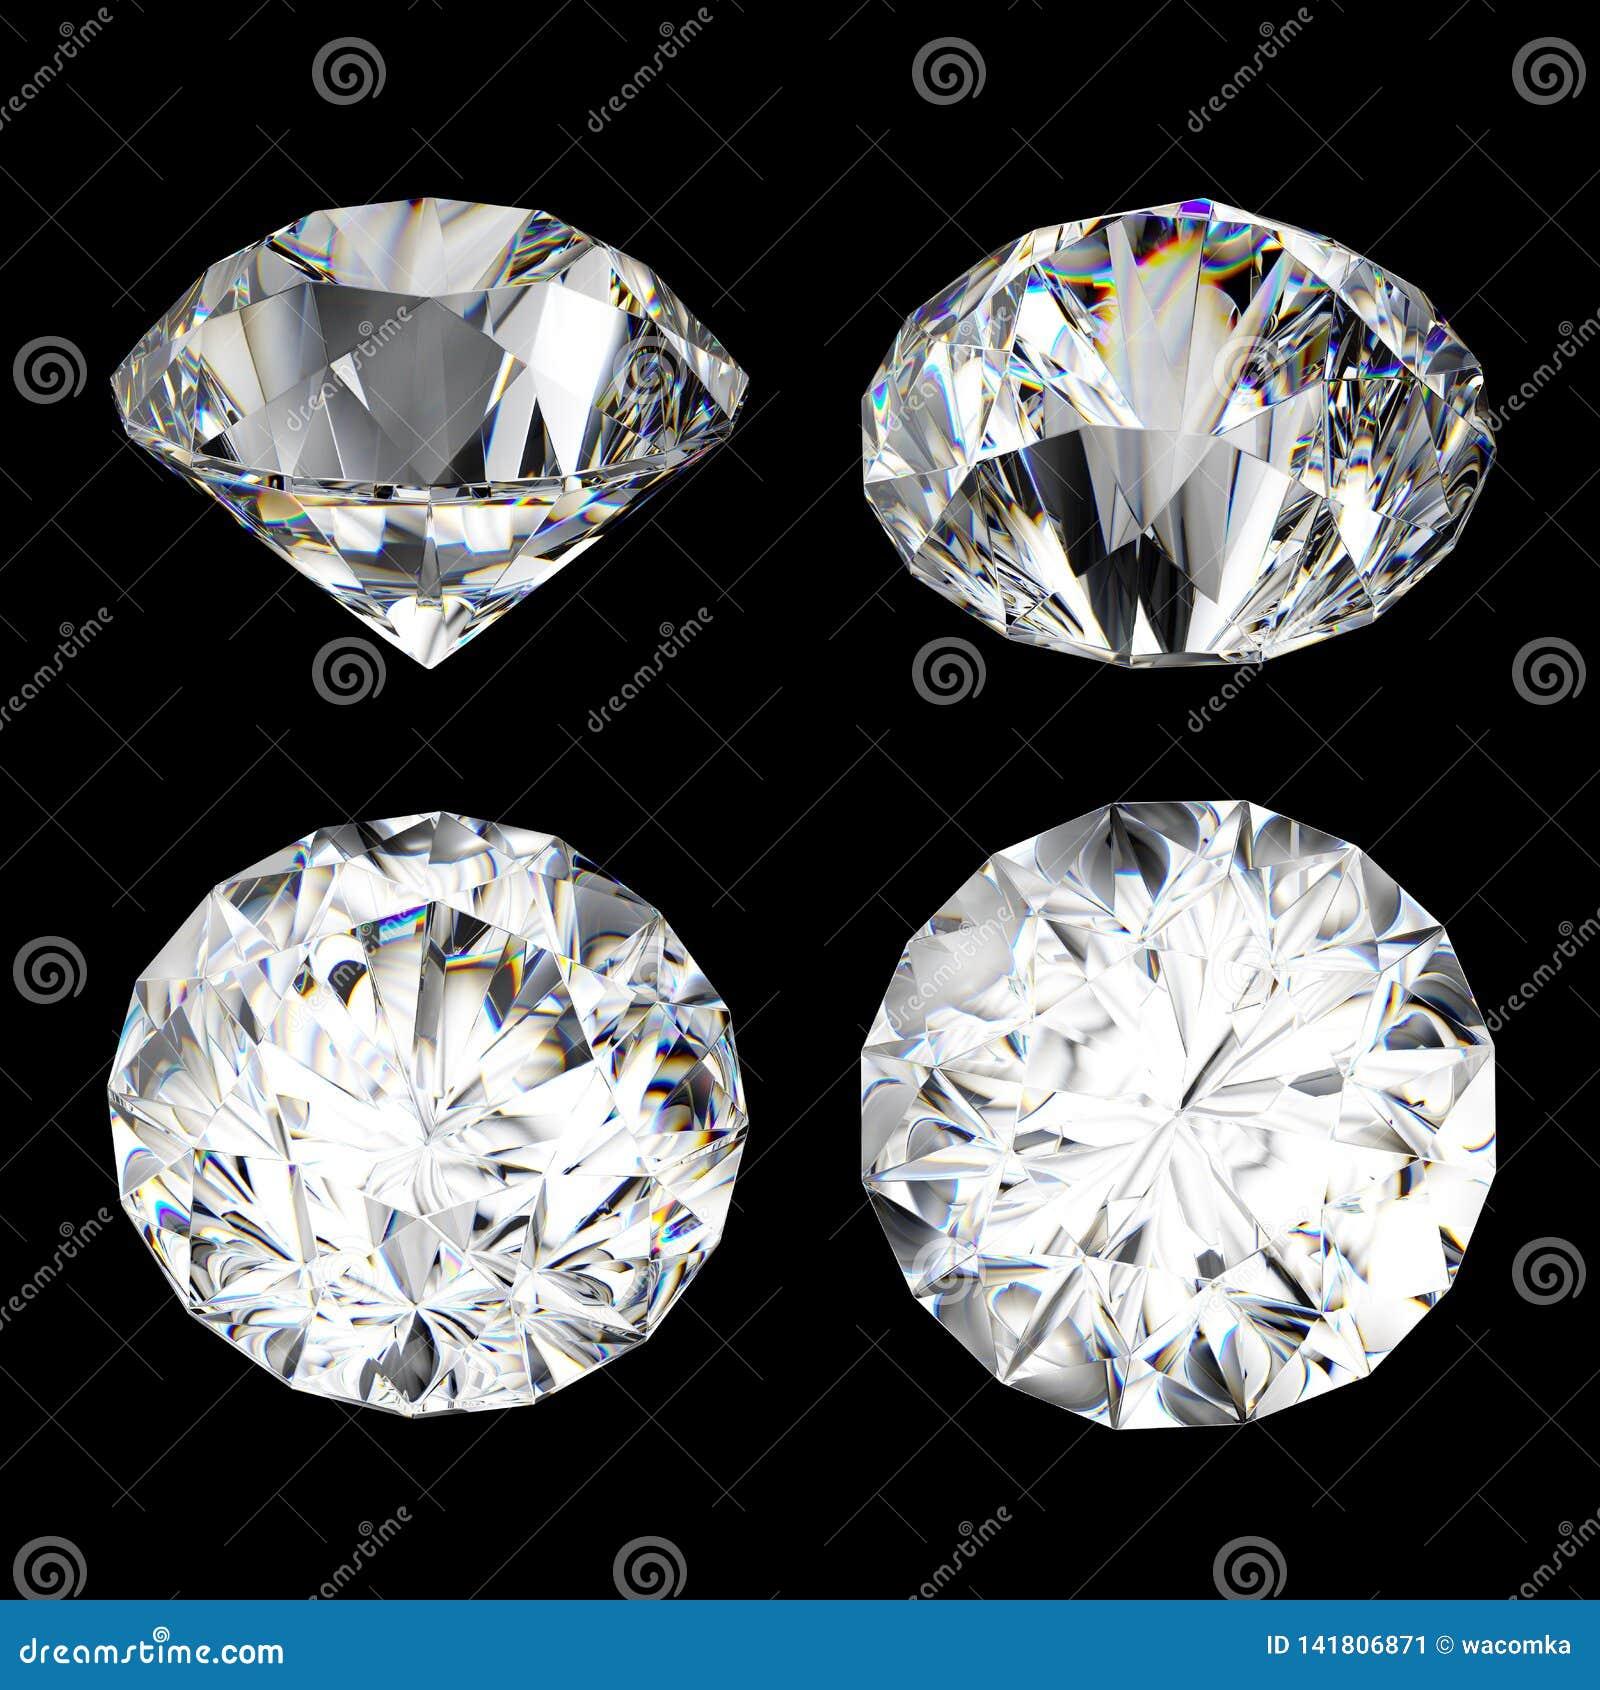 3d geef, ontruim diamant, briljante, kostbare die gem, juweelpictogram, perspectiefmening, illustratiereeks terug, op zwarte acht